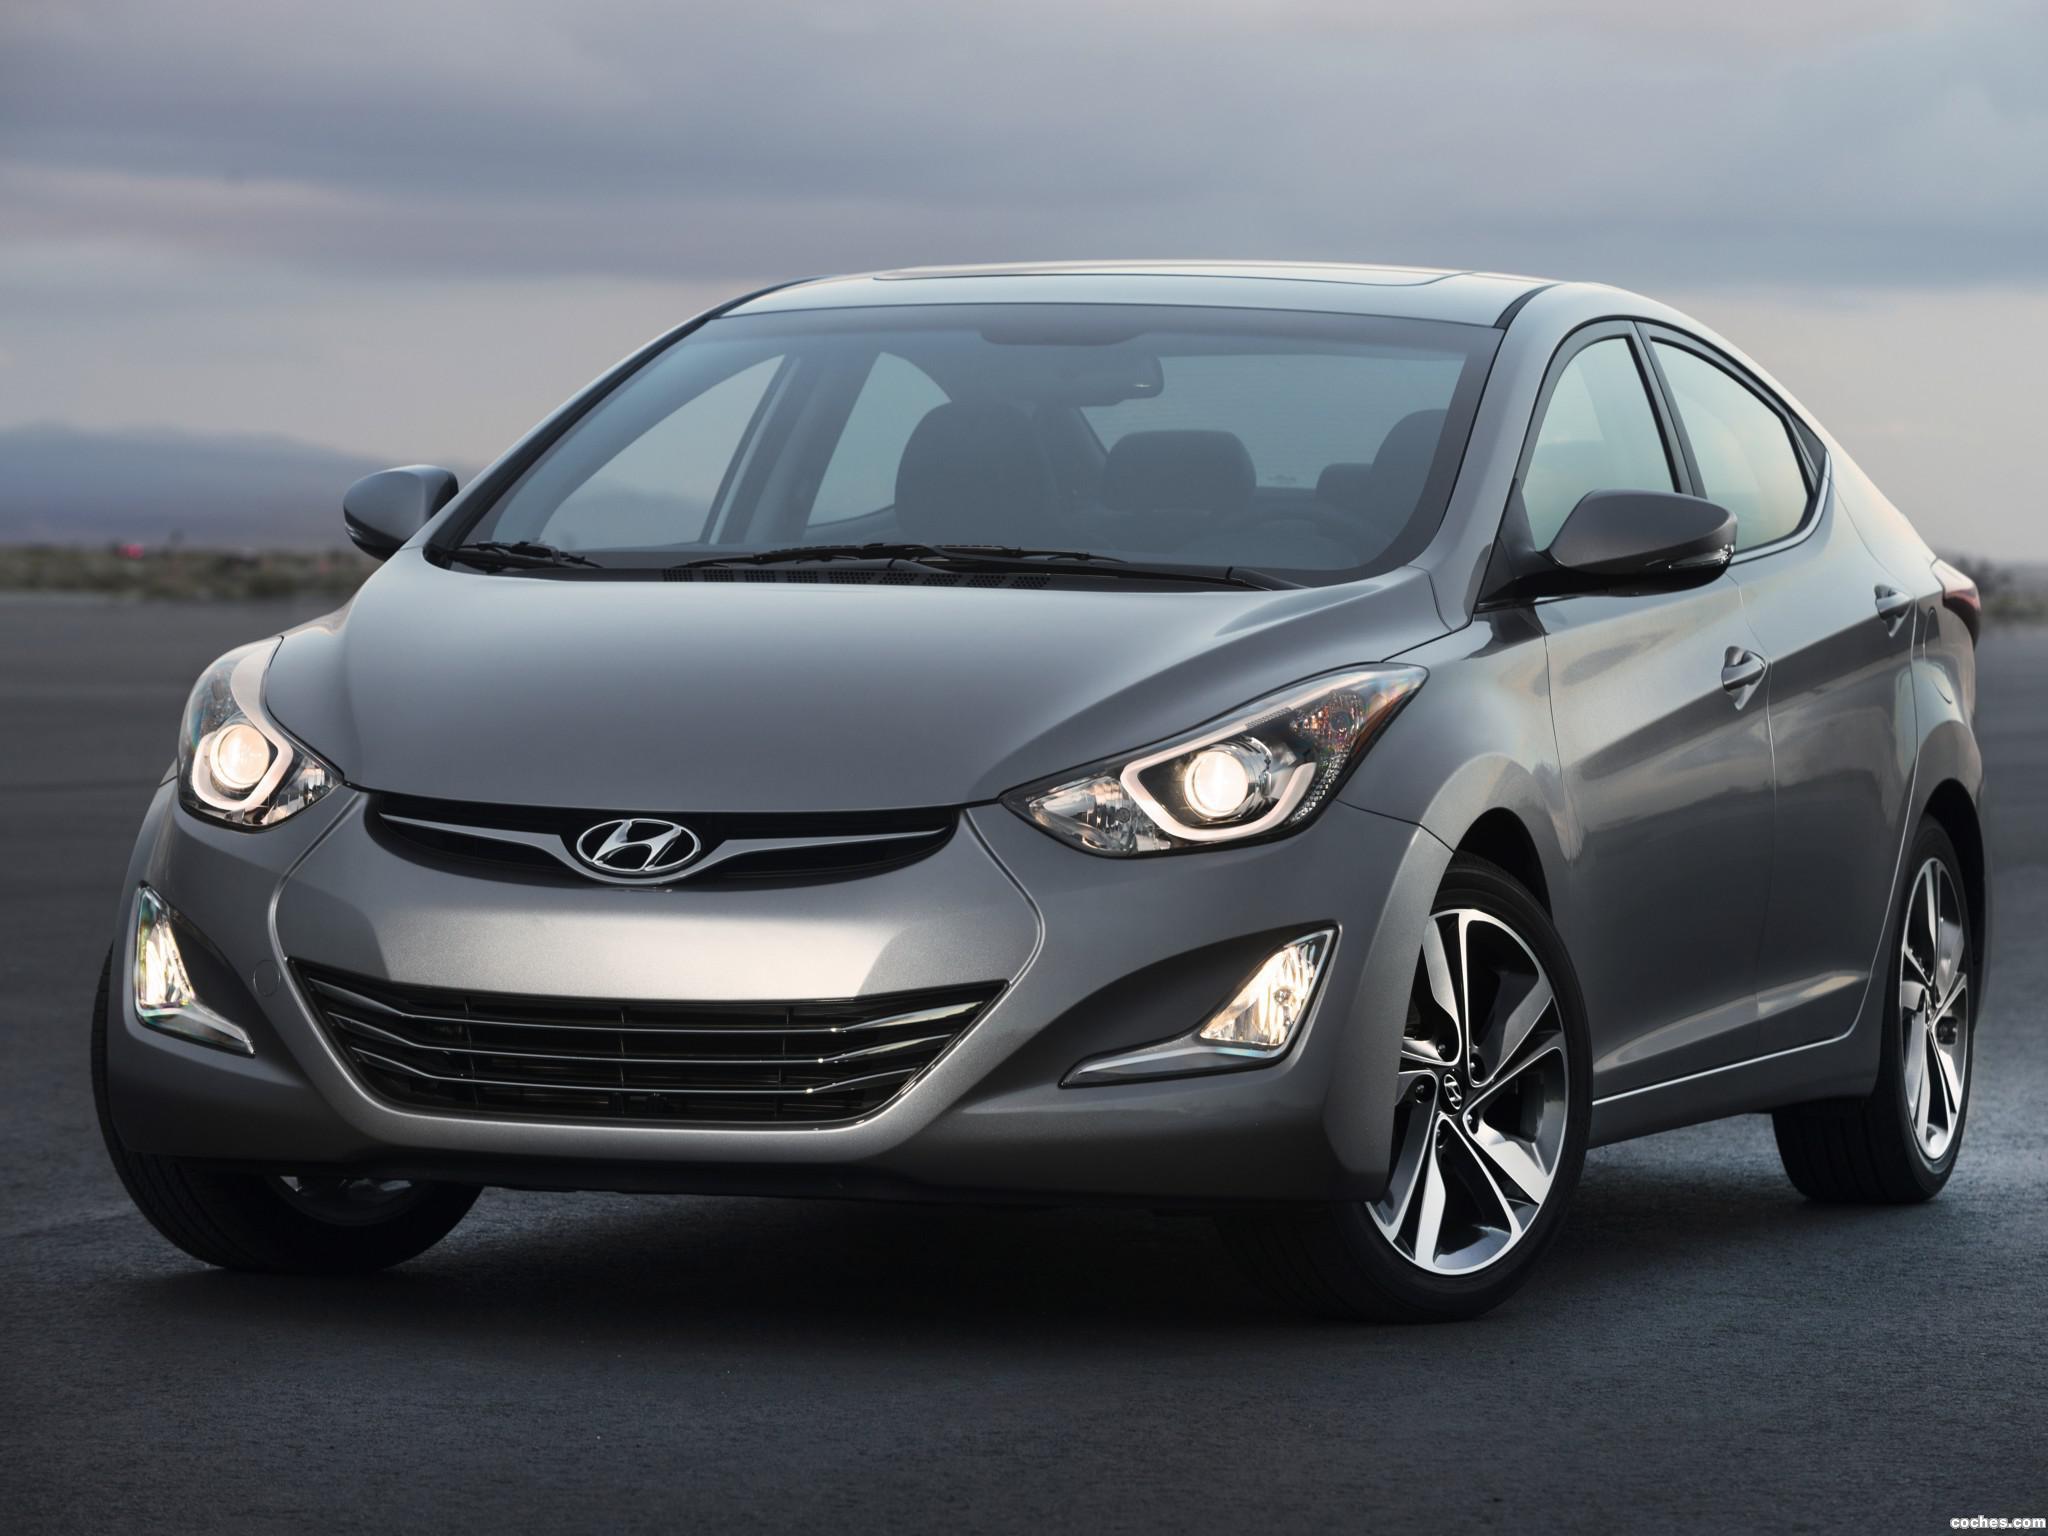 Foto 0 de Hyundai Elantra Limited USA 2014